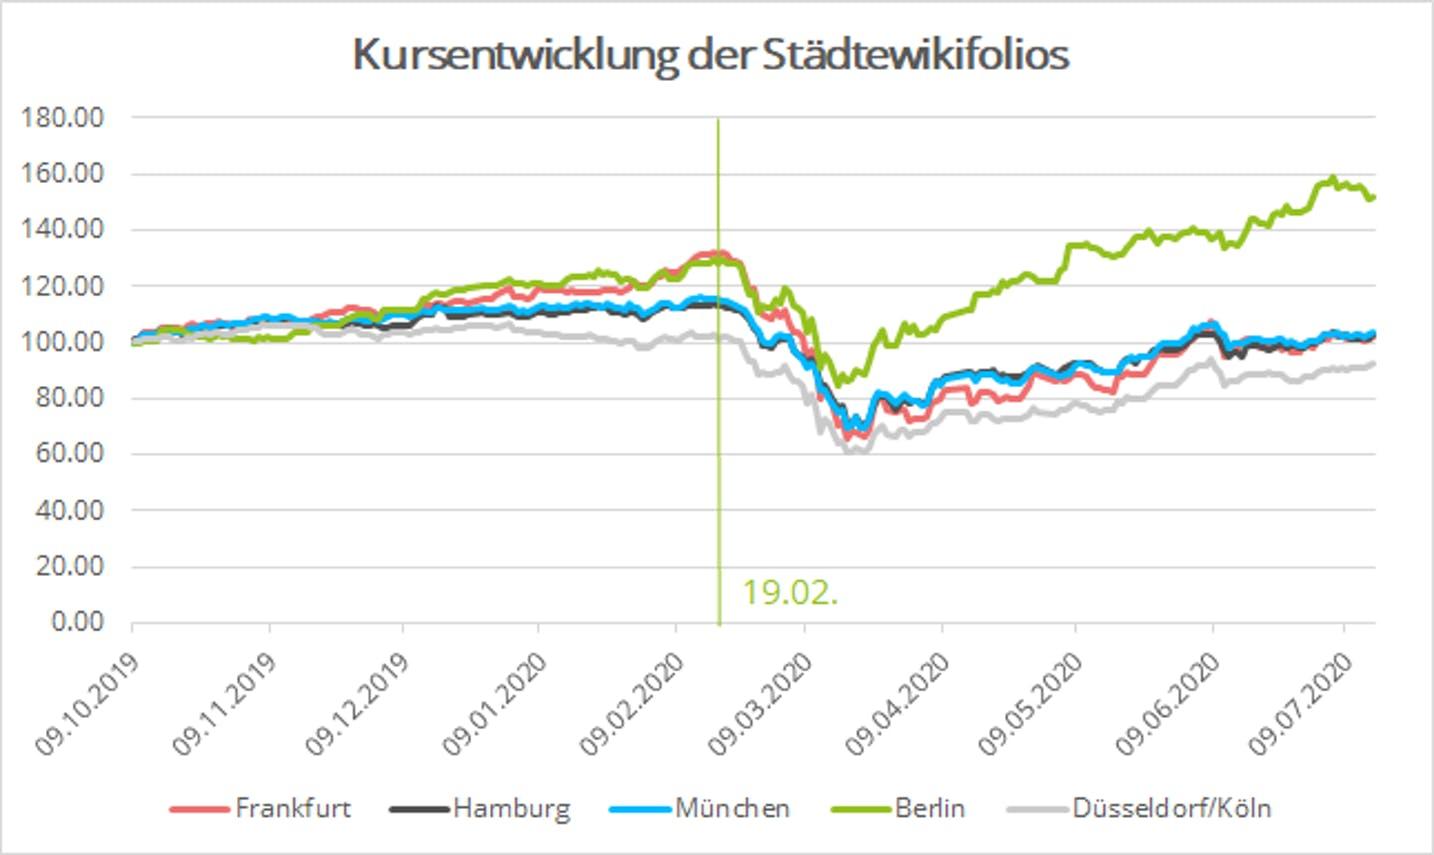 Grafik: Kursentwicklung von Aktienkörben deutscher Großstädte seit Start im Oktober 2019